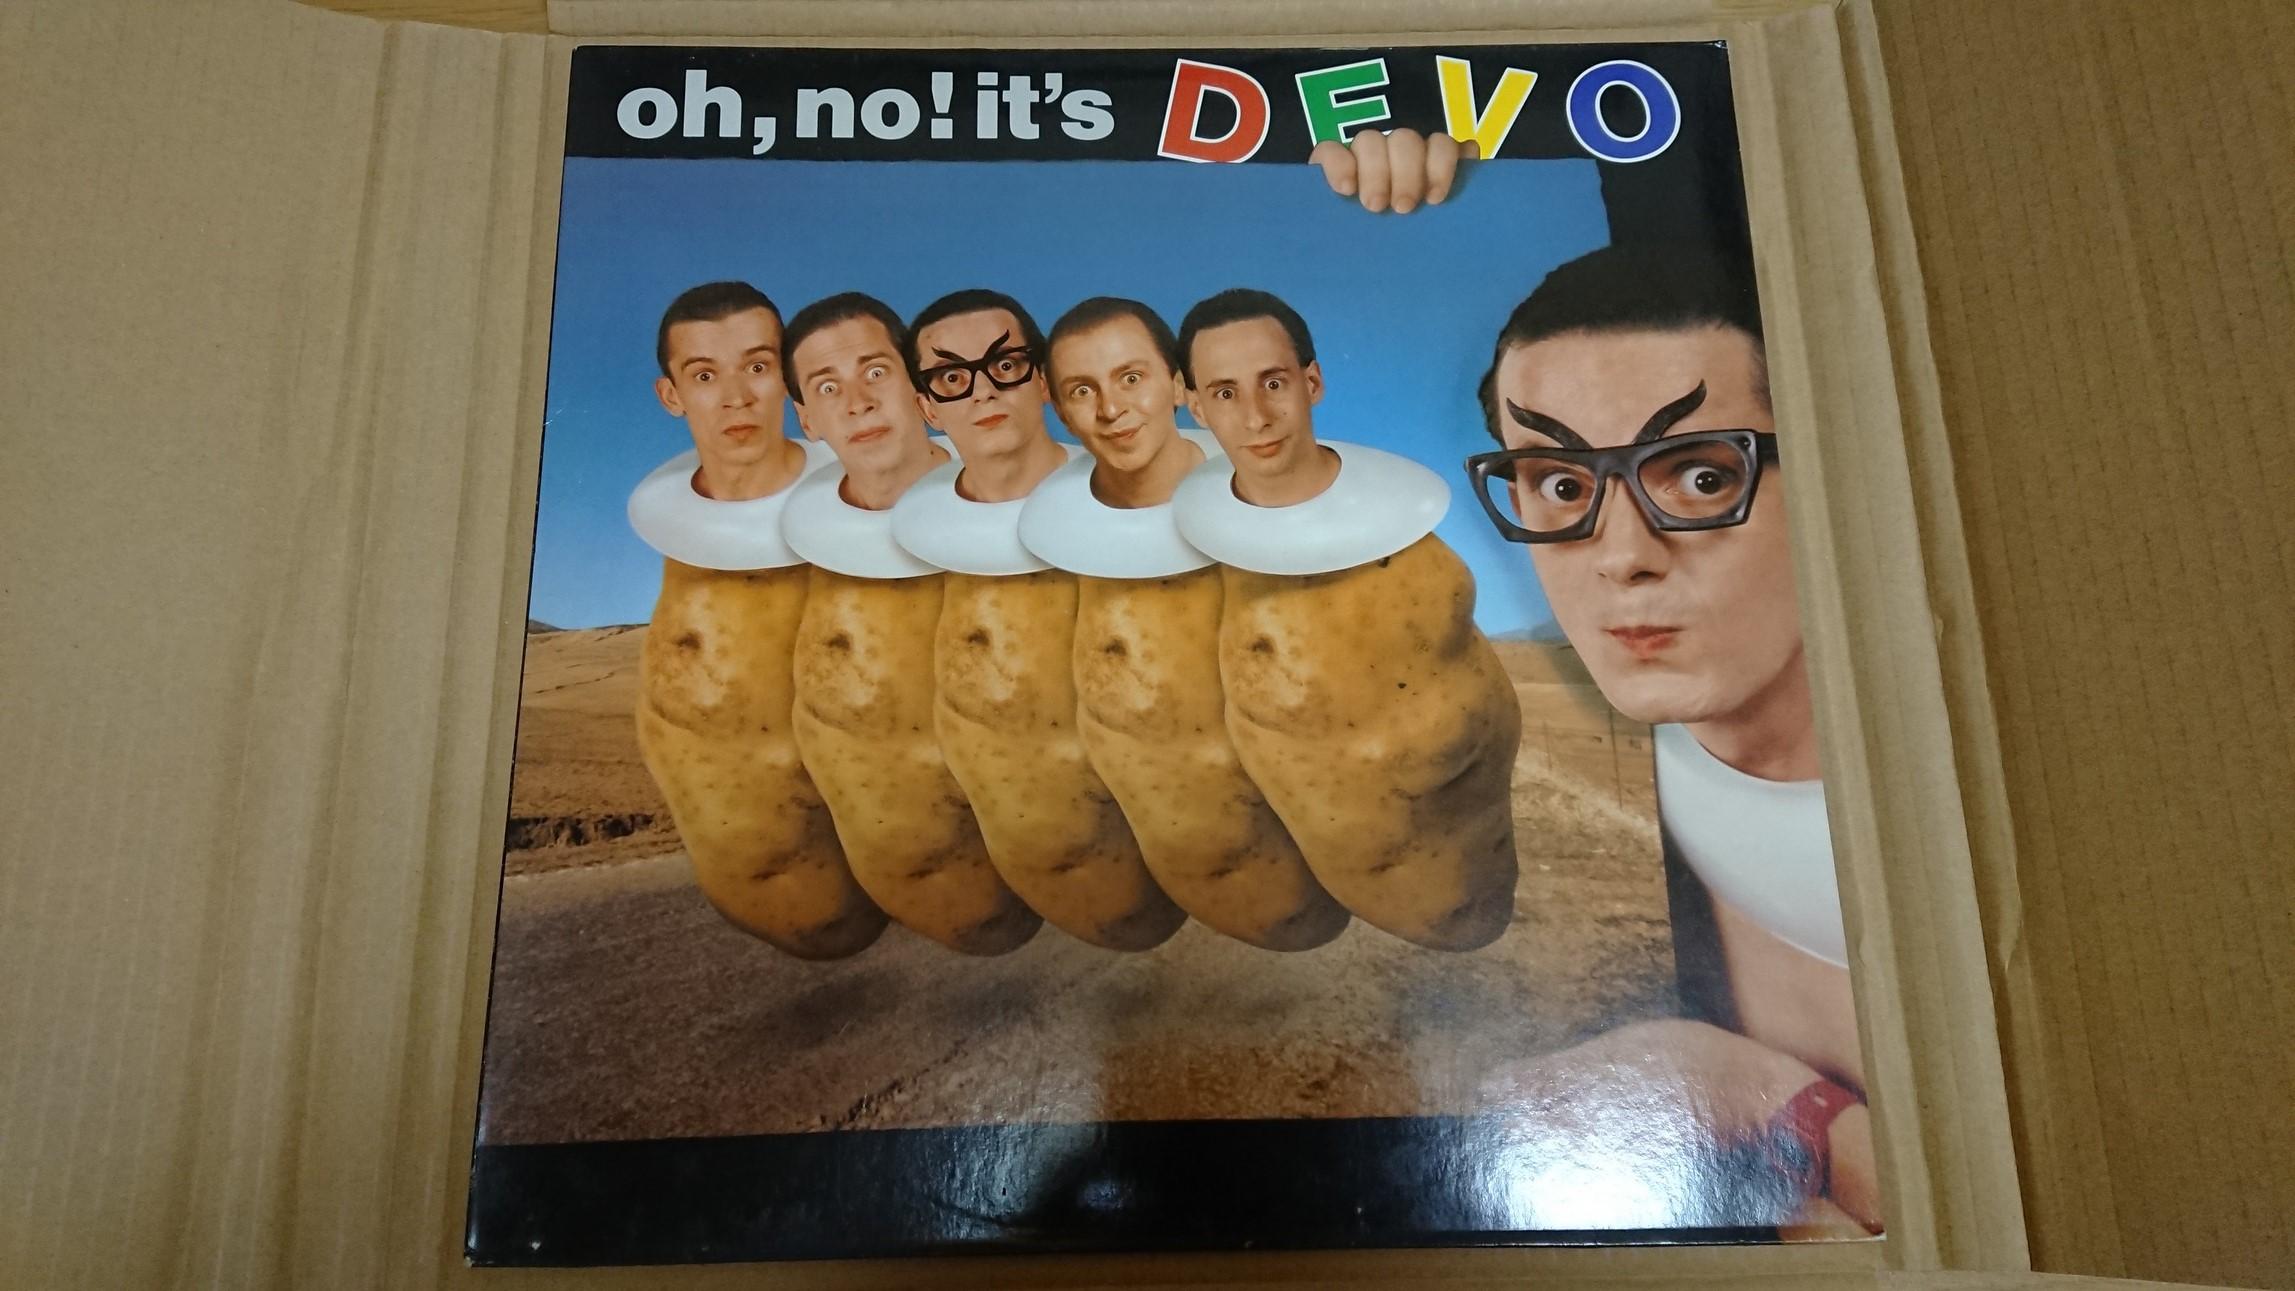 devo-Oh, No! It's Devo